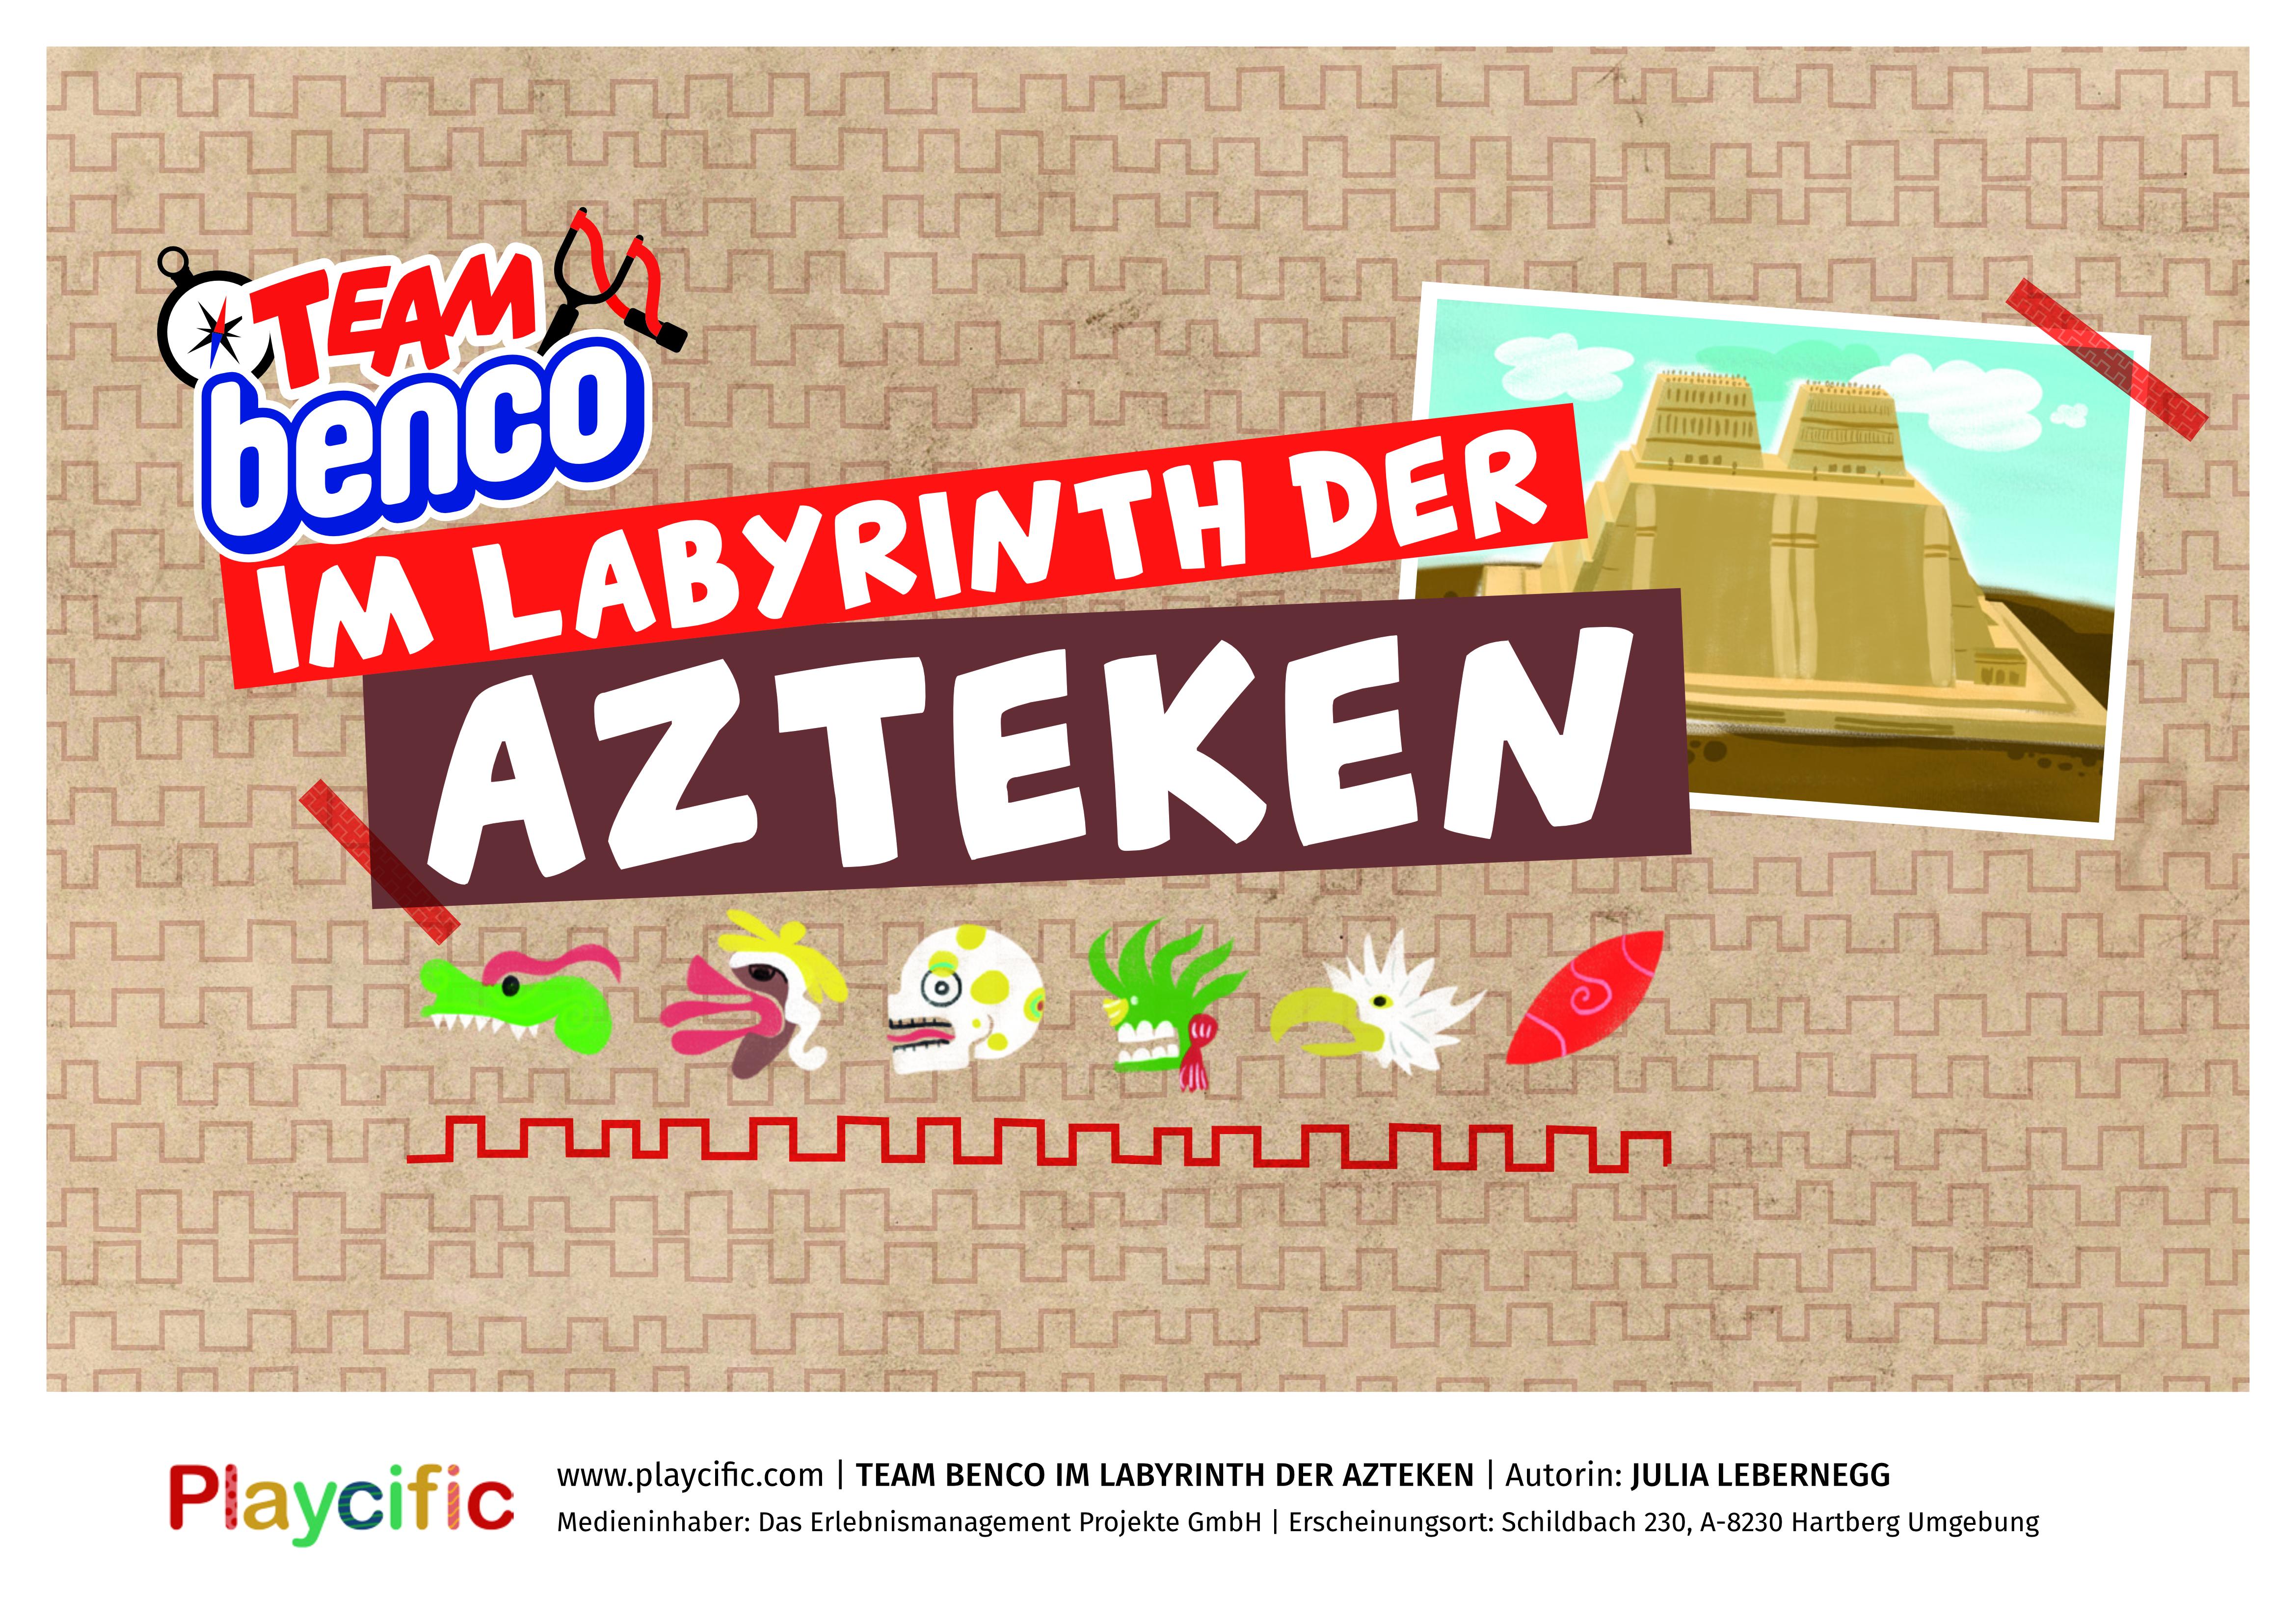 Team Benco - Im Labyrinth der Azteken